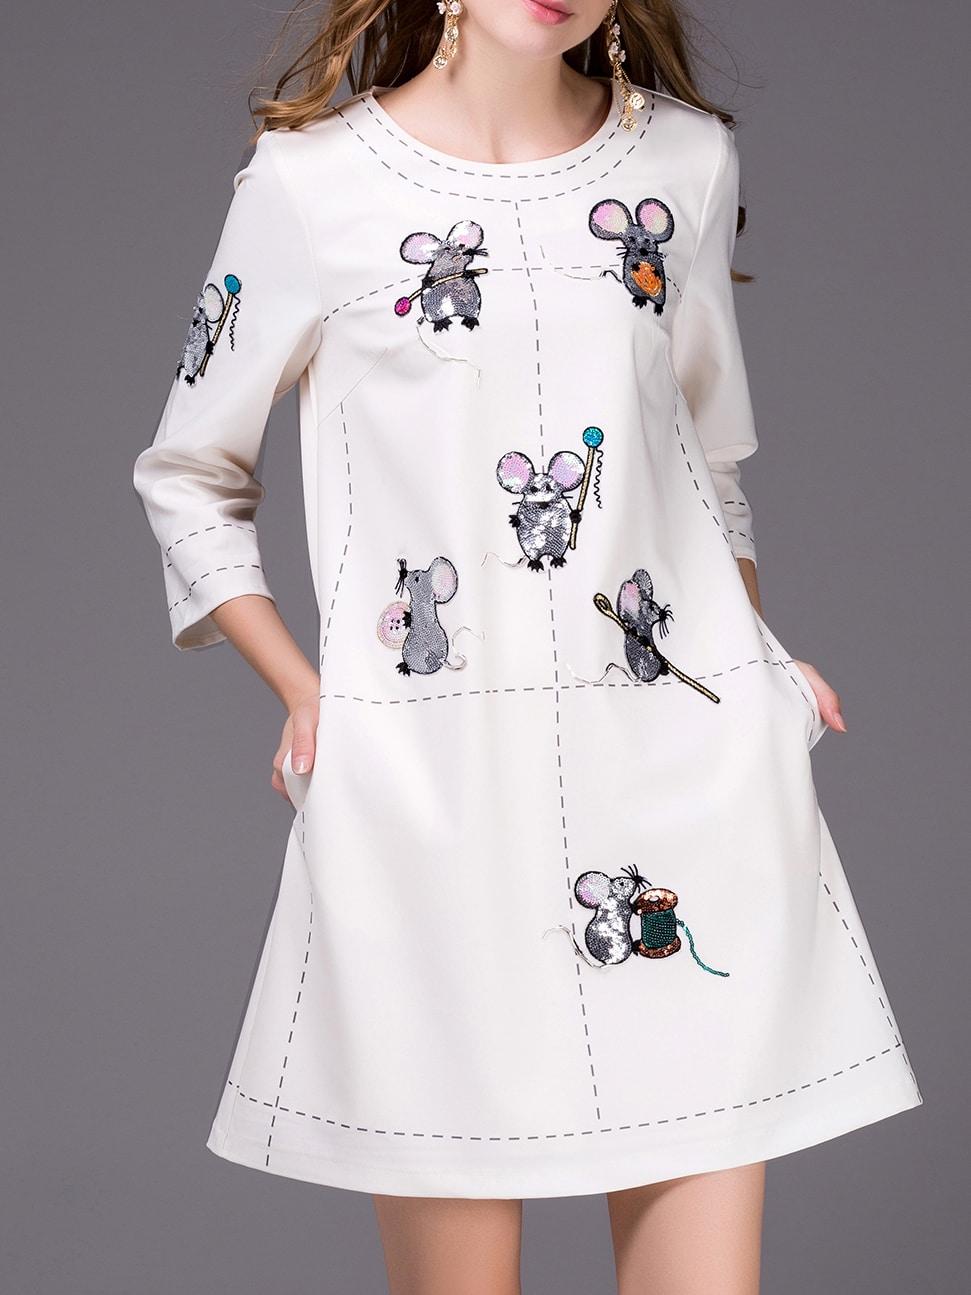 Купить Белое платье с принтом Mouse, null, SheIn